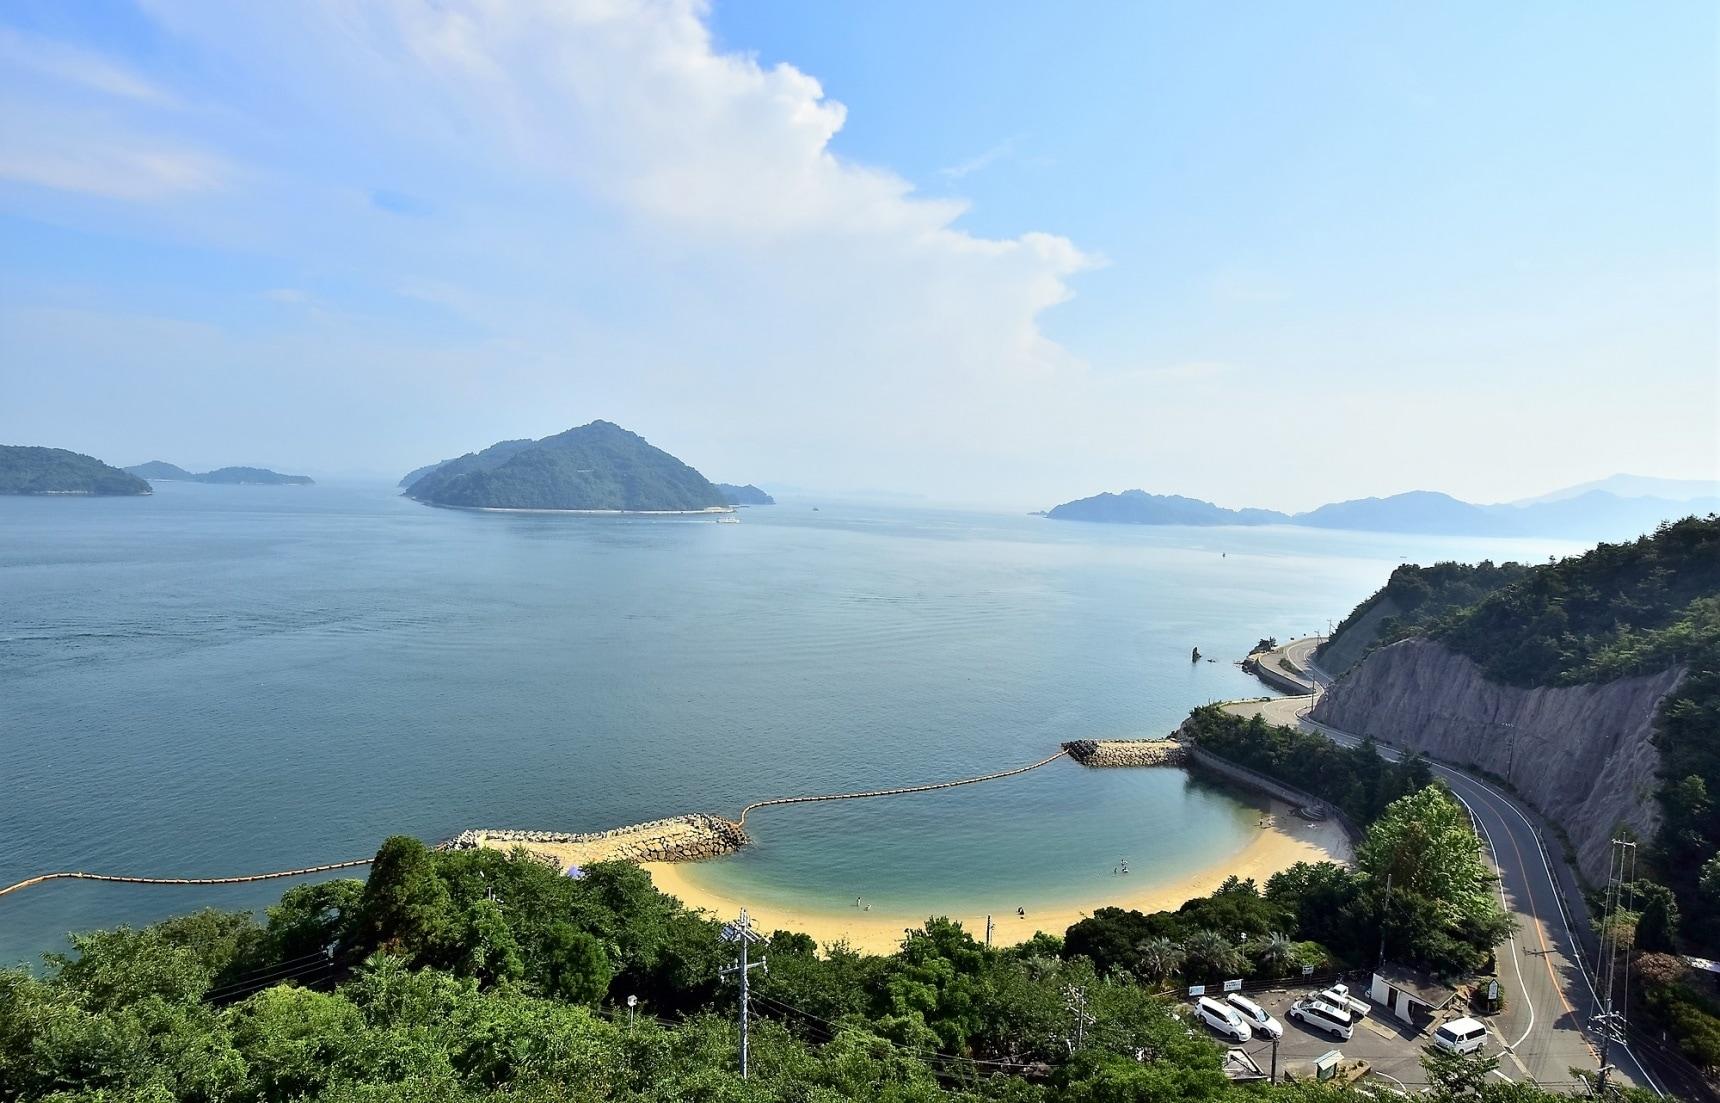 走訪木江純樸老街,入住瀨戶內海・廣島「大崎上島」上的絕景溫泉旅館